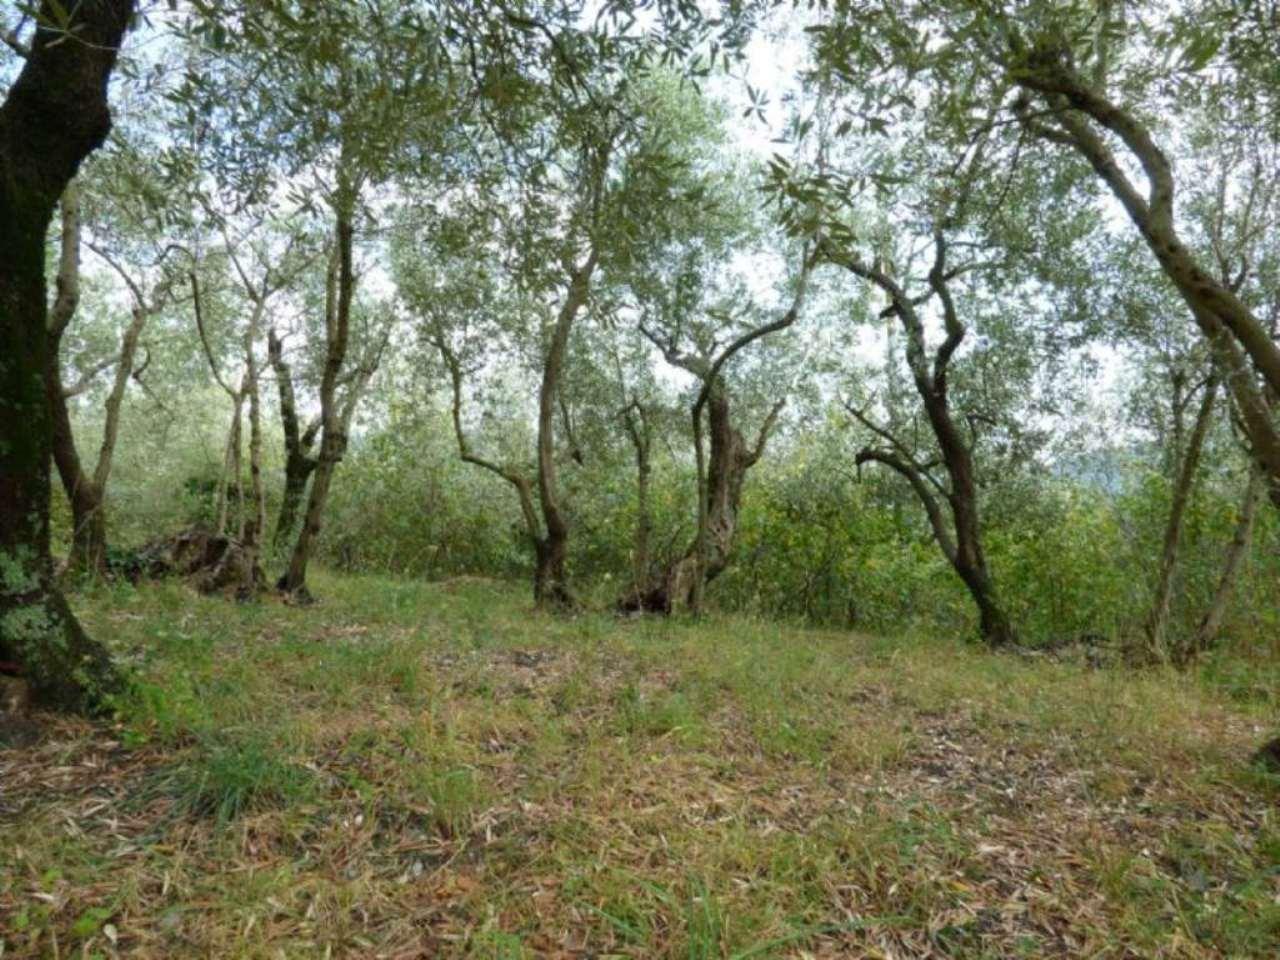 Terreno Agricolo in vendita a Uscio, 1 locali, prezzo € 19.000 | CambioCasa.it